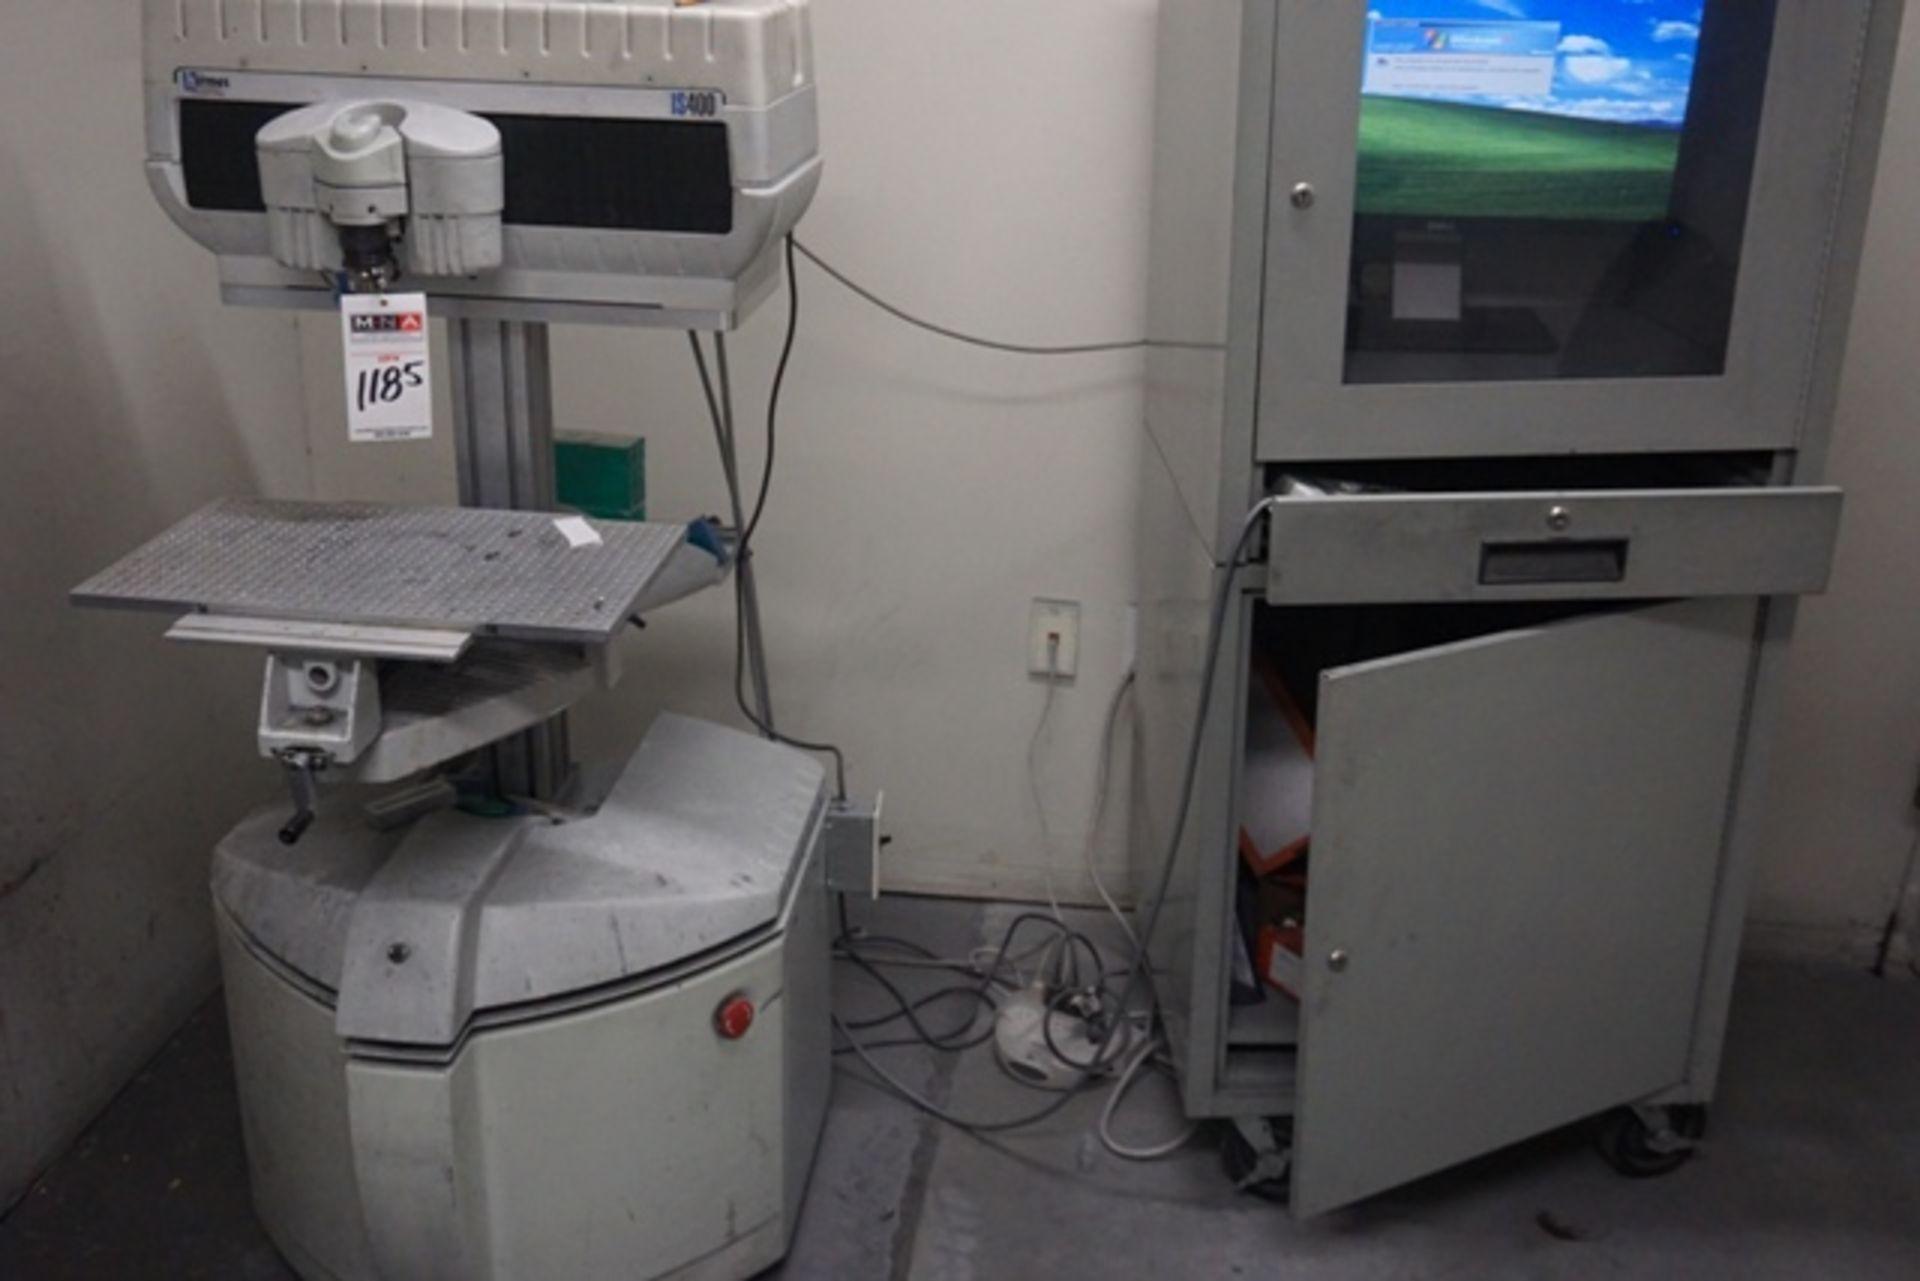 Lot 1185 - Hermes IS400 CNC Engraver